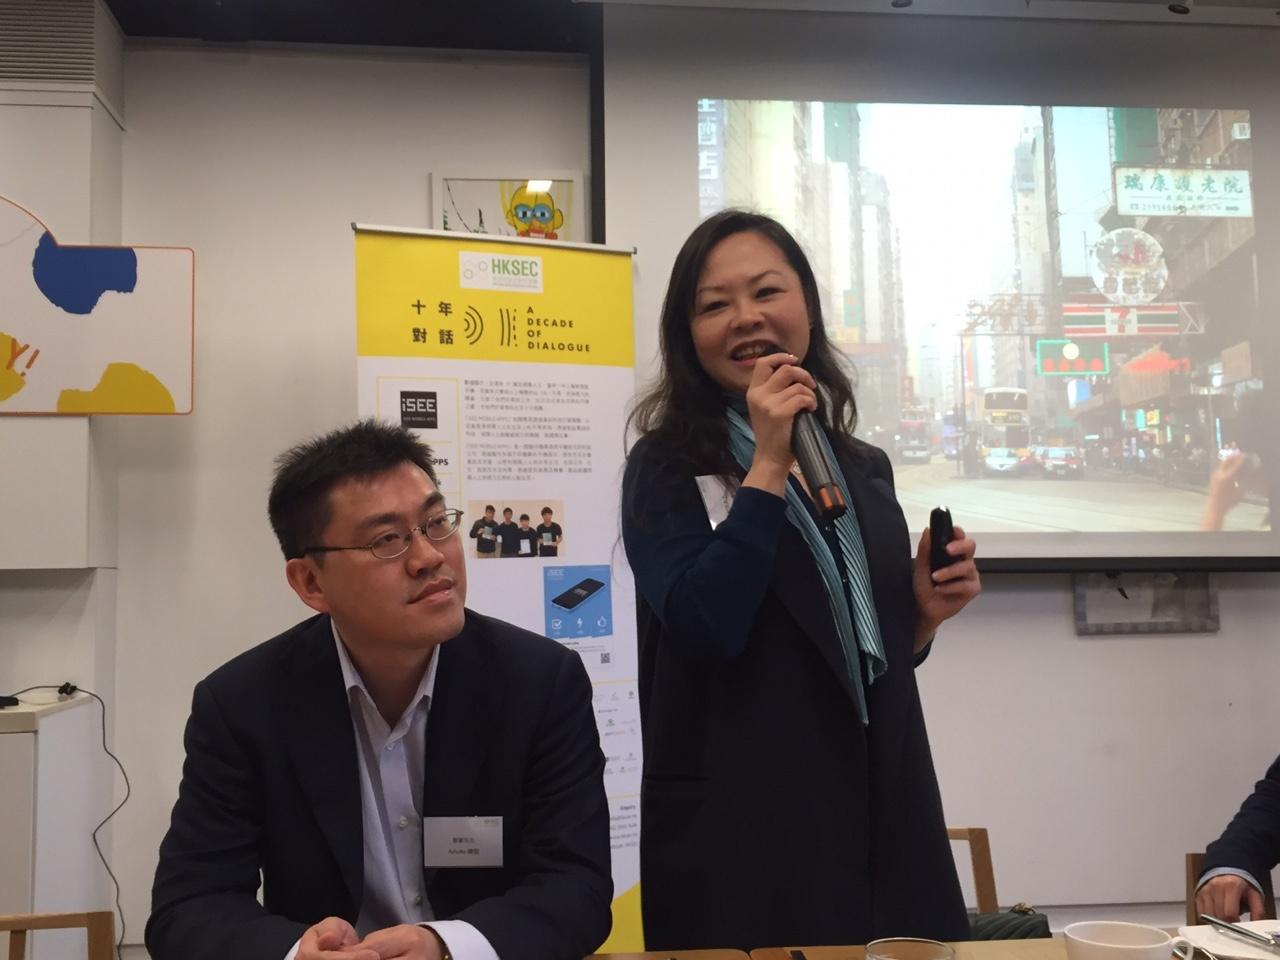 香港社企挑戰賽項目總監徐苑思(圖右)建議由政府牽頭,帶領其他大型企業投資或借貸予社企發展。(王丹麟攝)